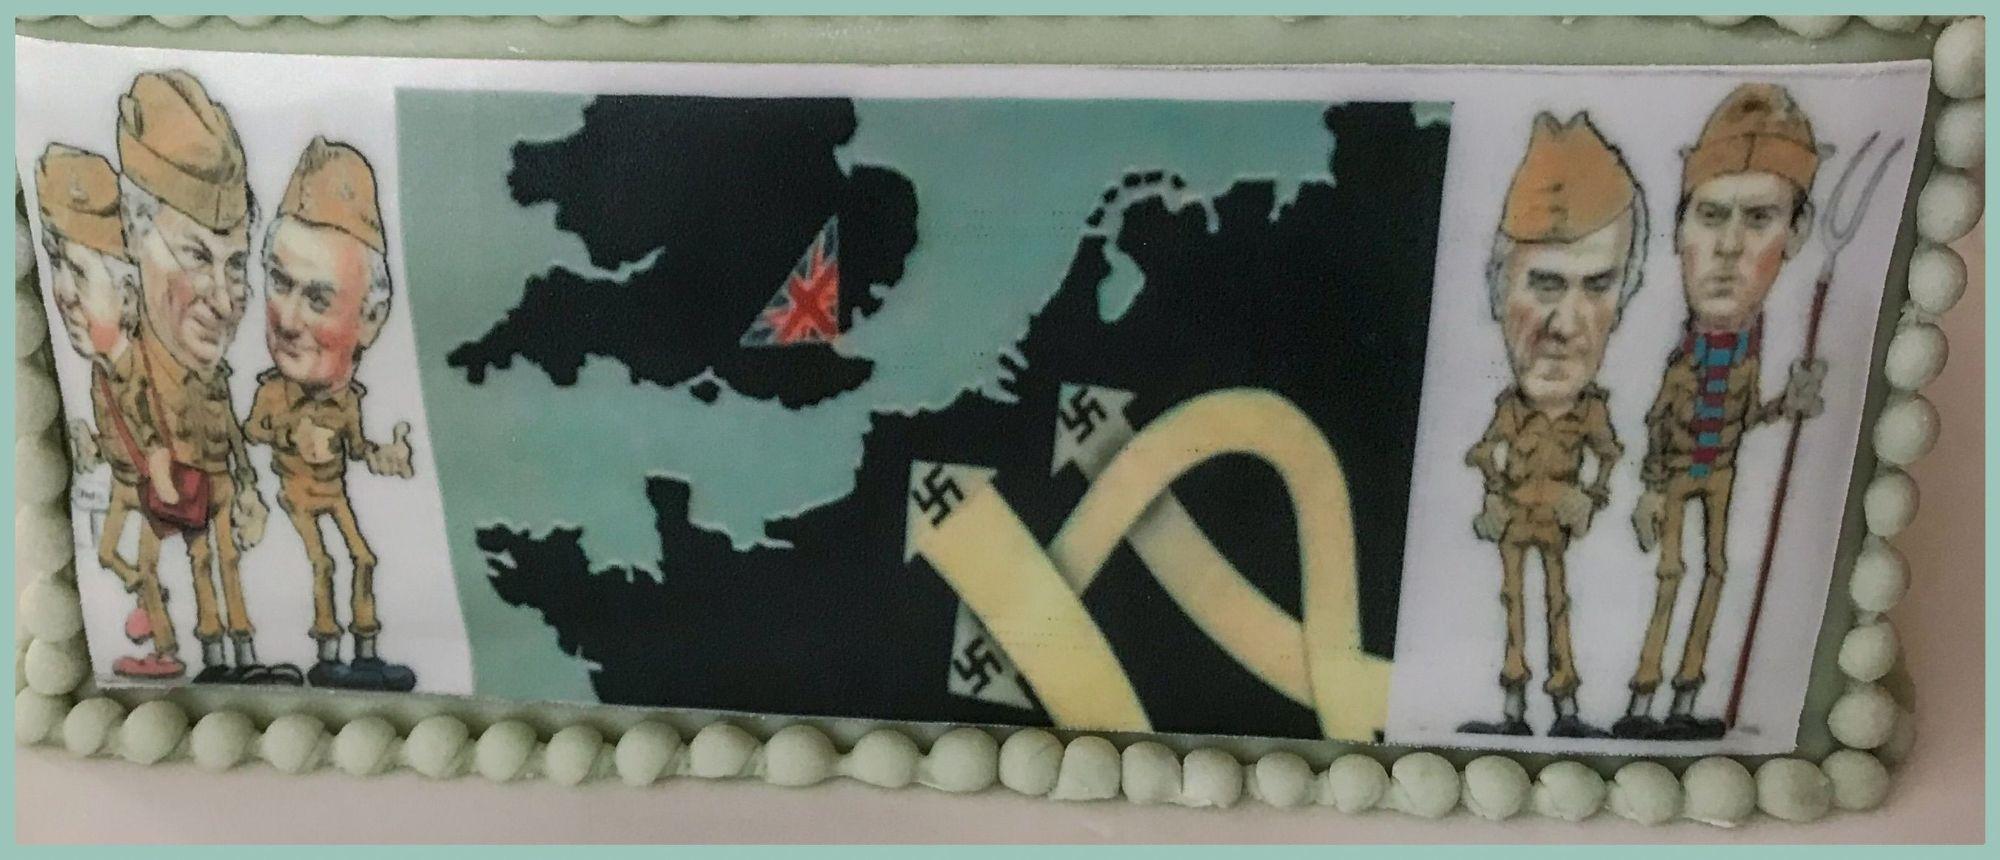 dads army cake 2